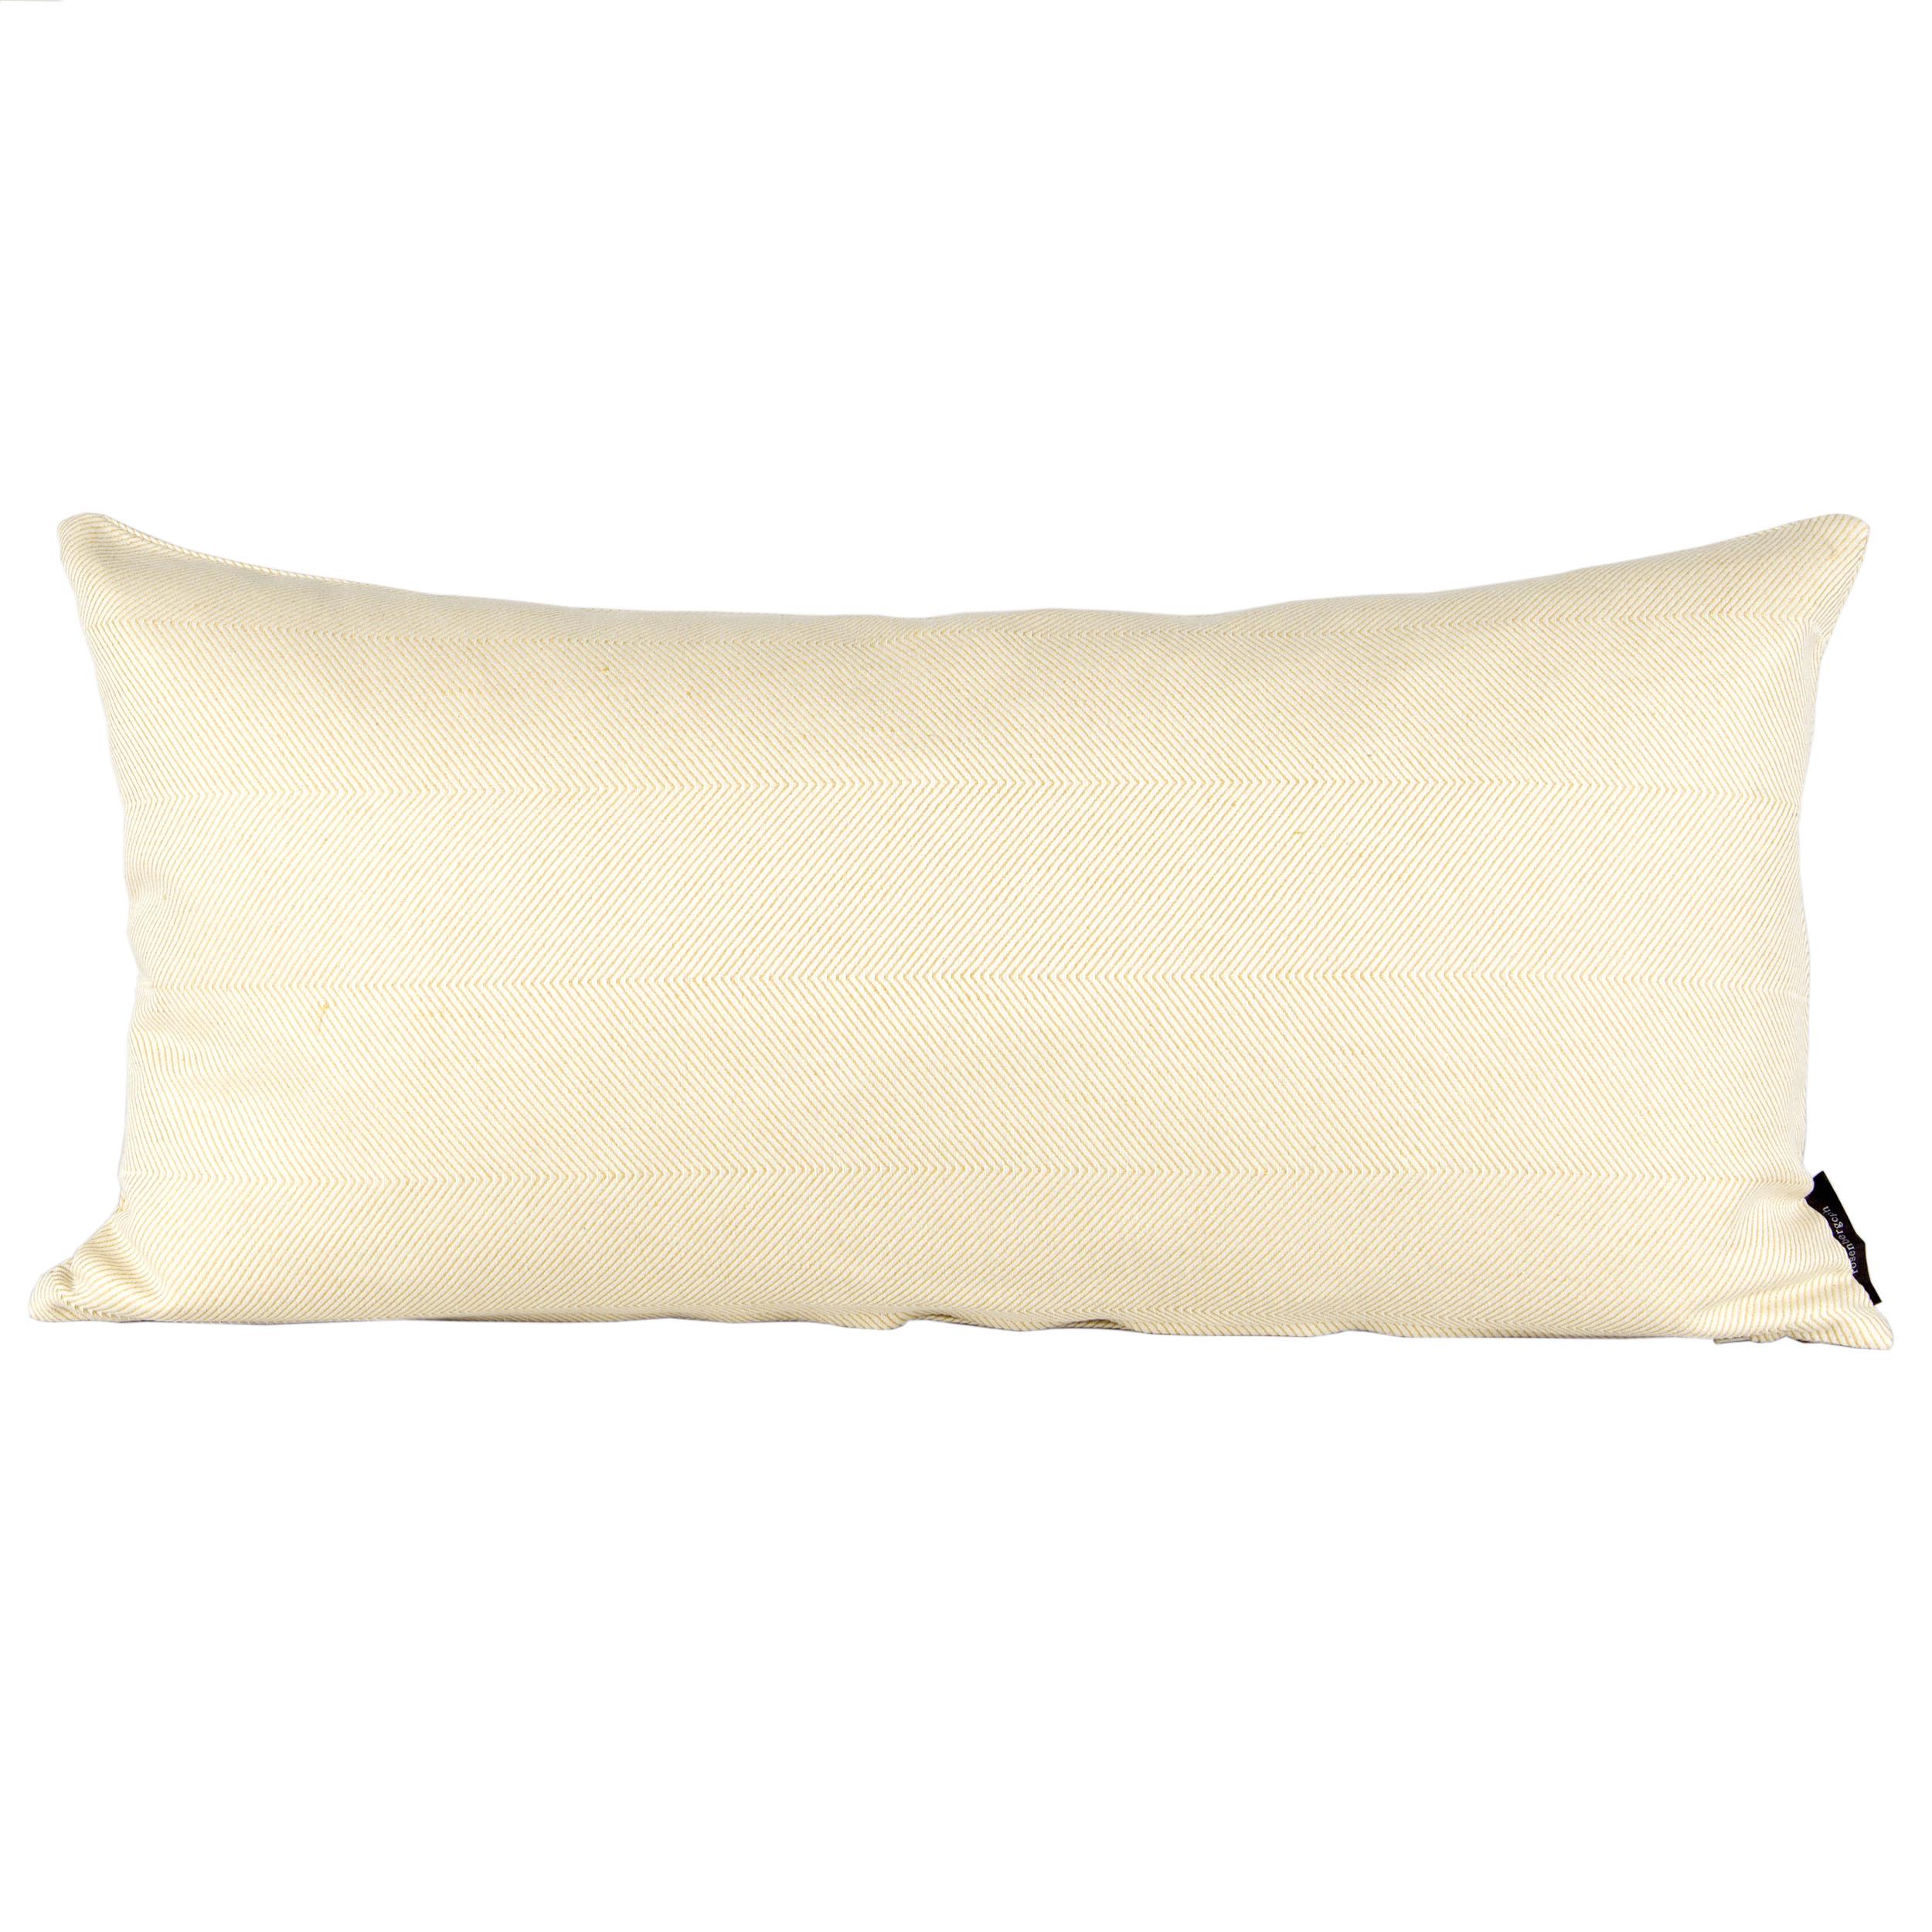 Rectangular cushion linen/cotton light hay yellow design by Anne Rosenberg, RosenbergCph